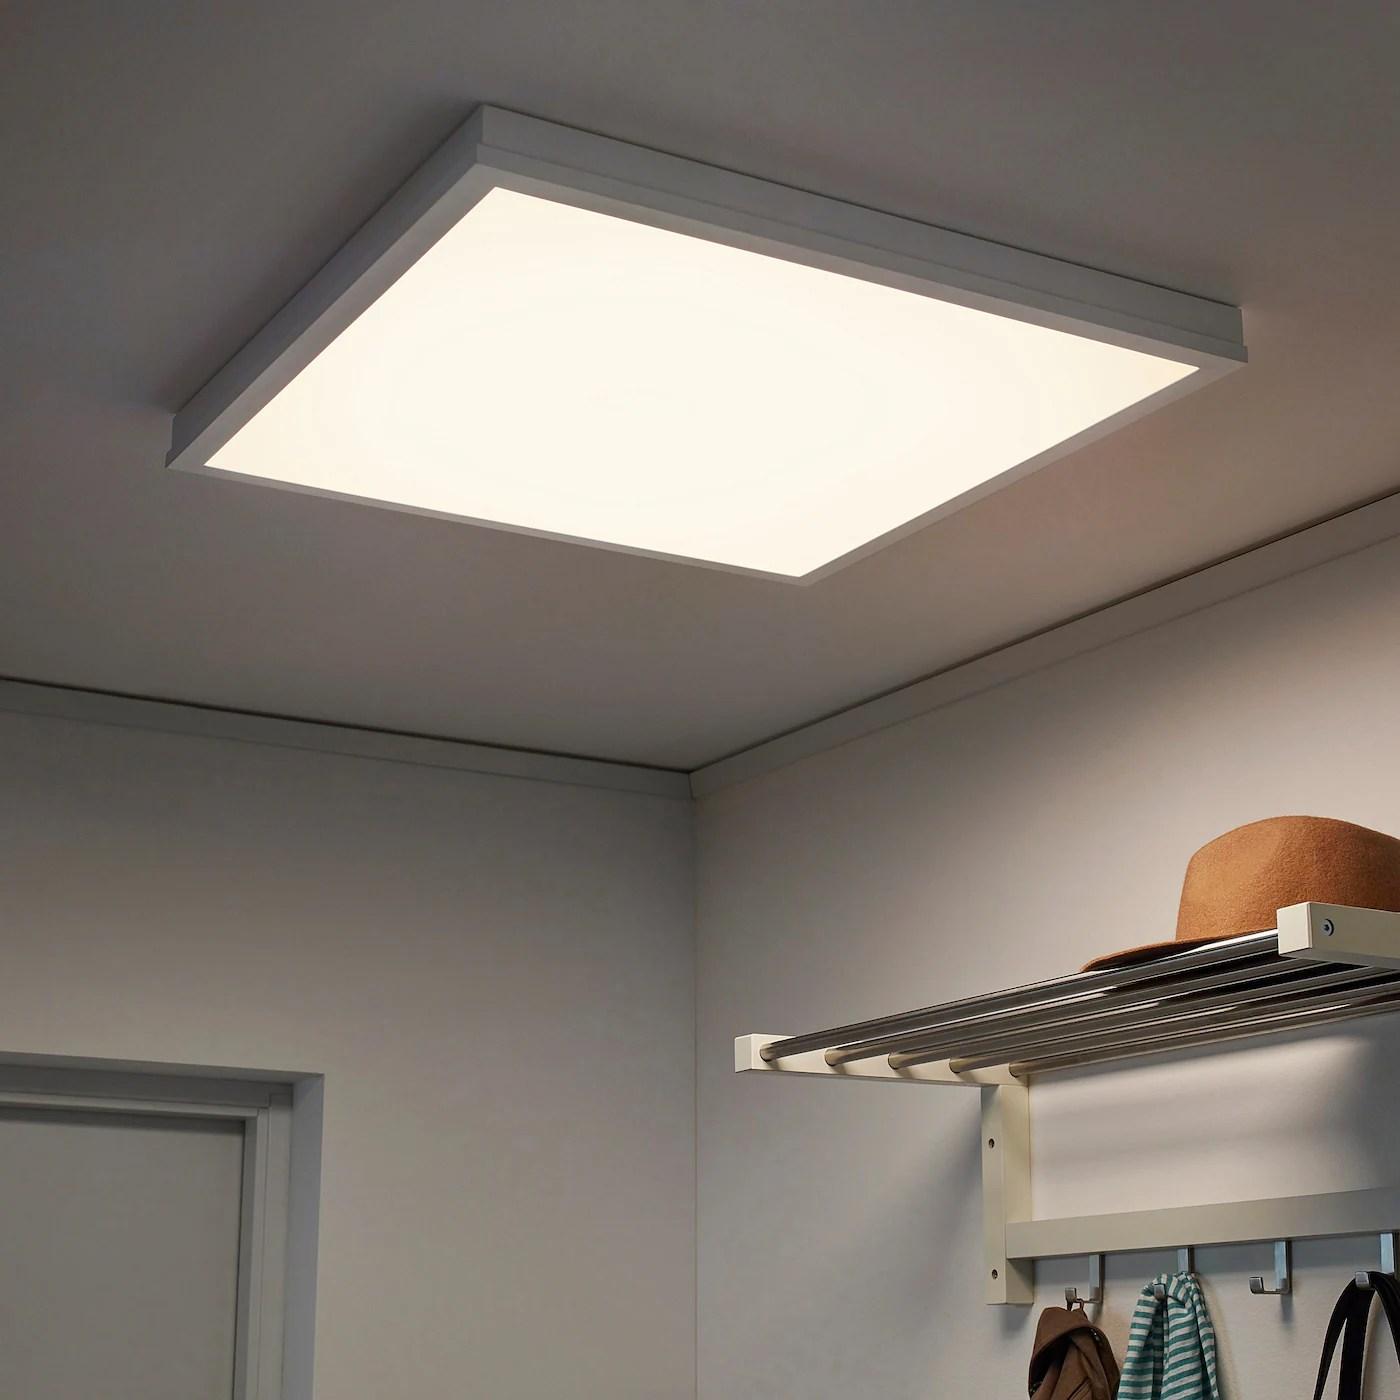 floalt led light panel dimmable white spectrum 24x24